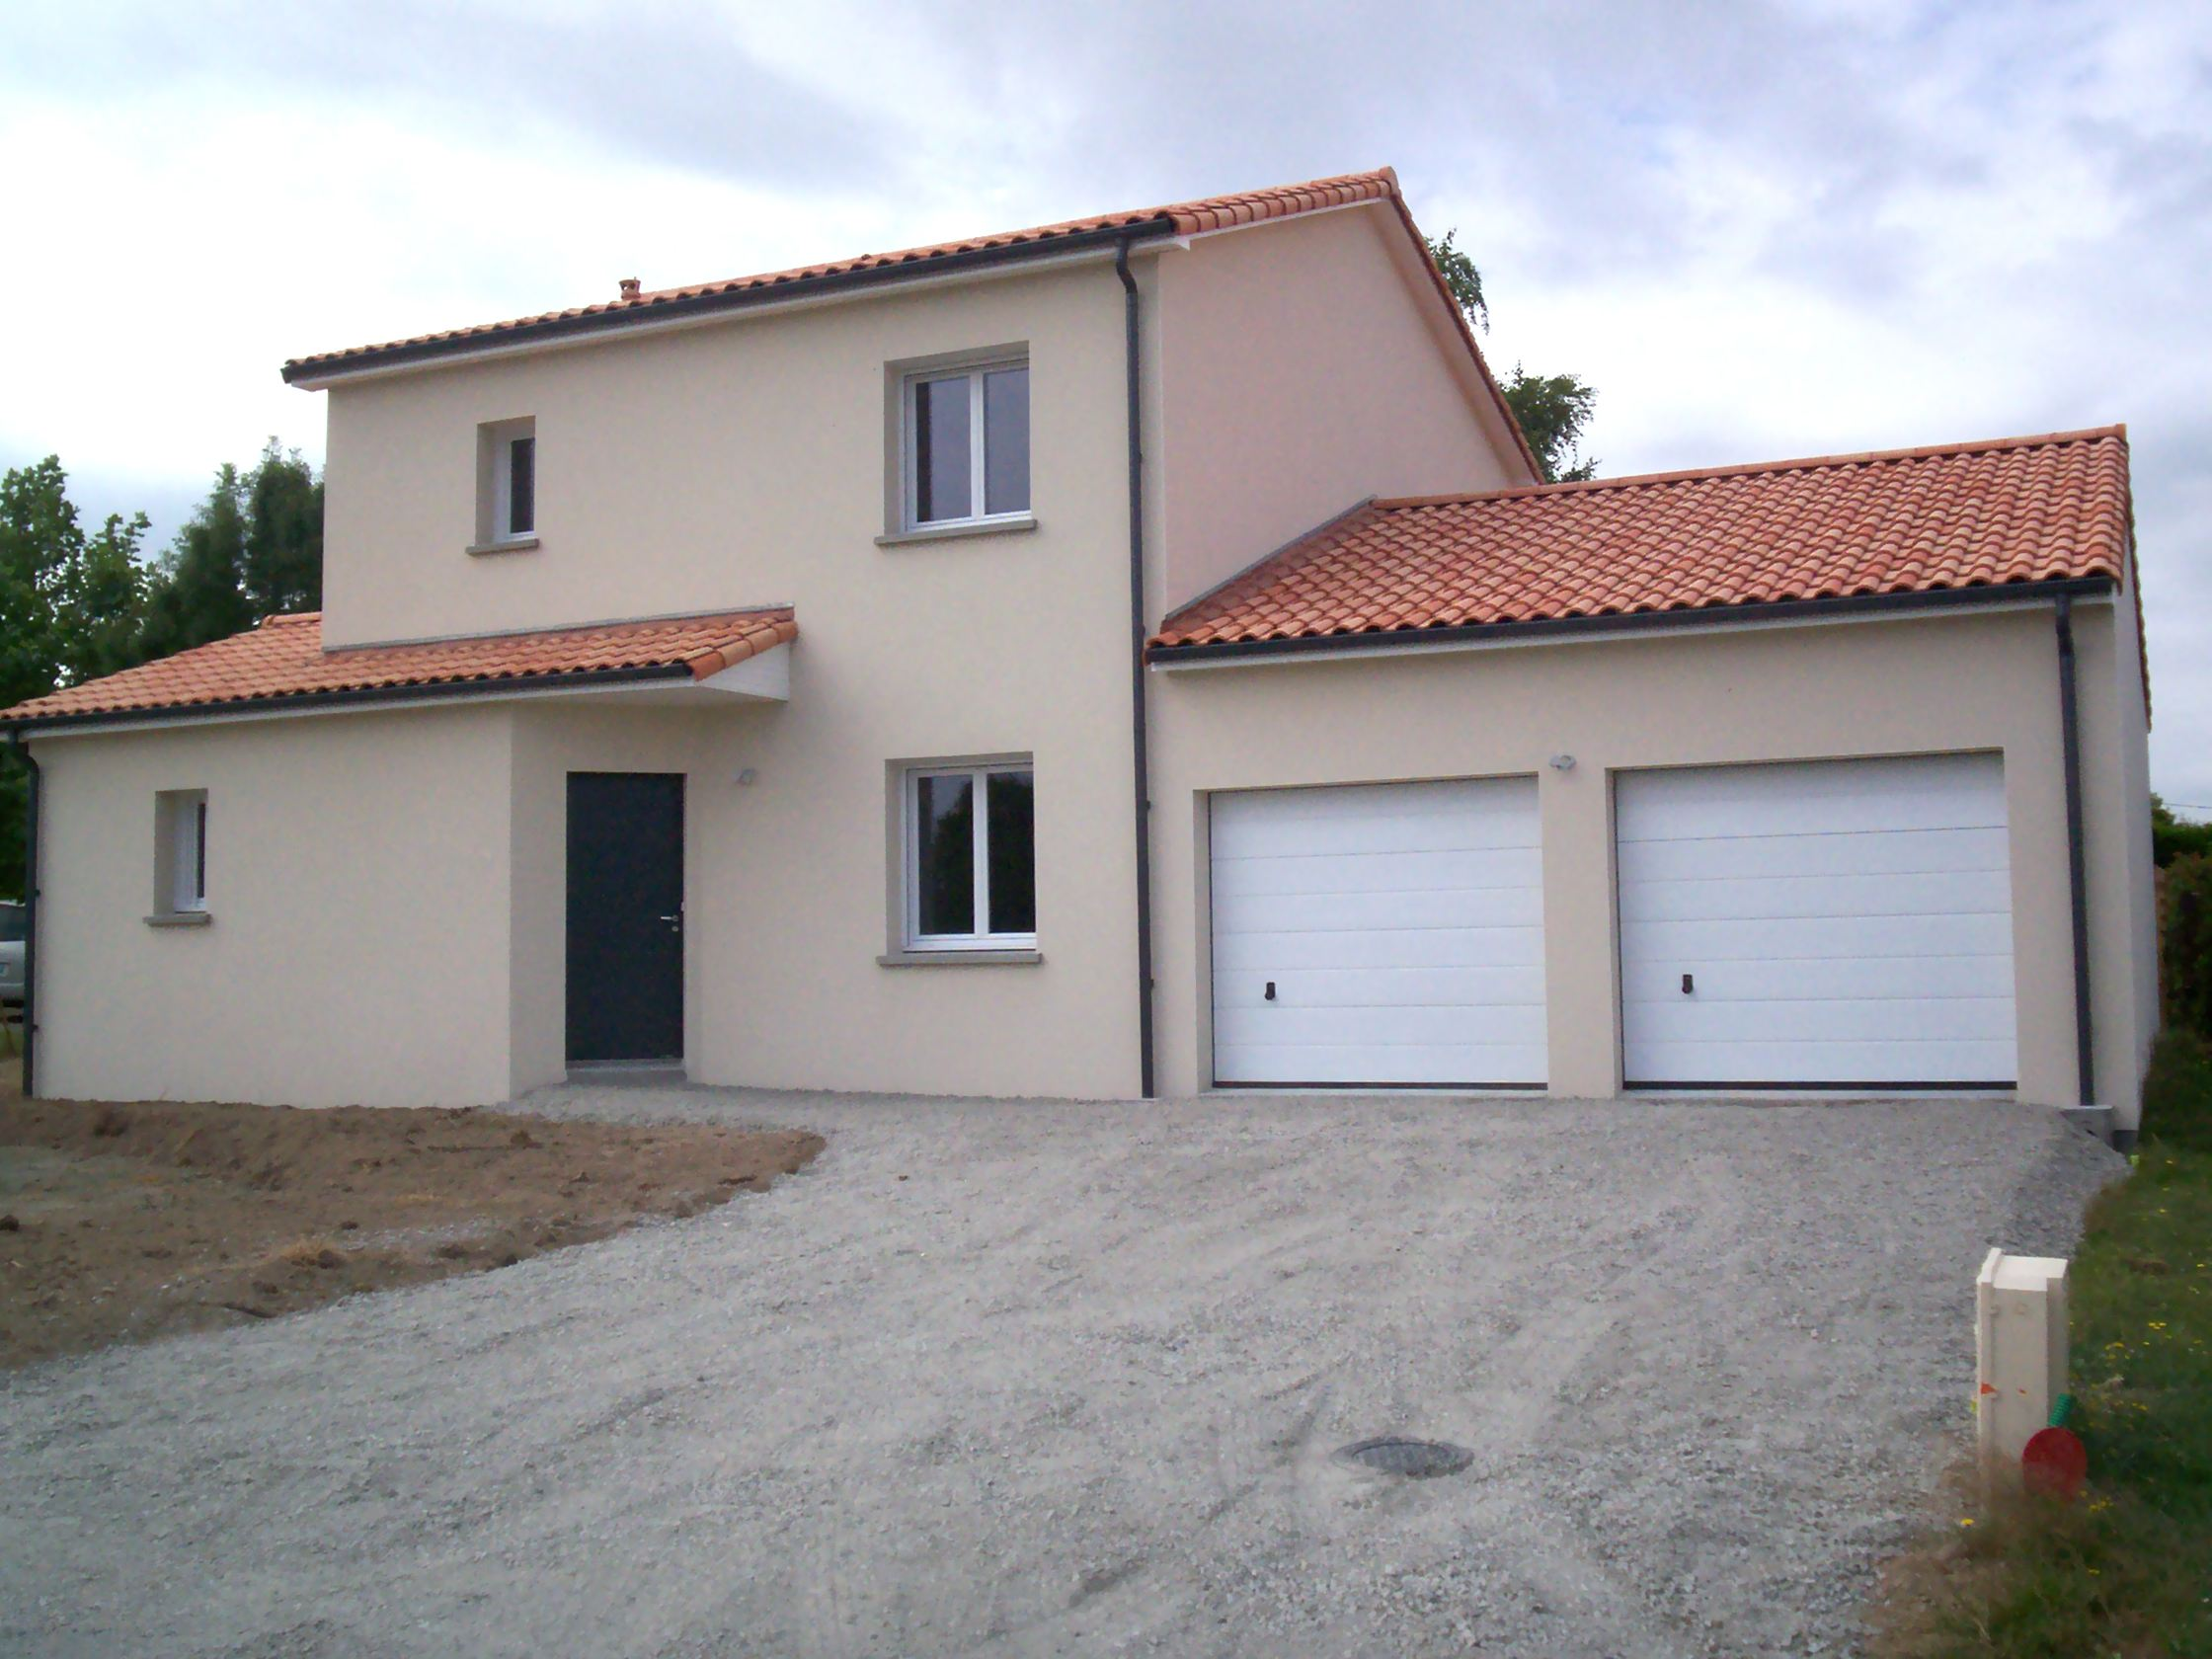 Maisons + Terrains du constructeur Maison Familiale • 140 m² • NIEUL SUR L'AUTISE